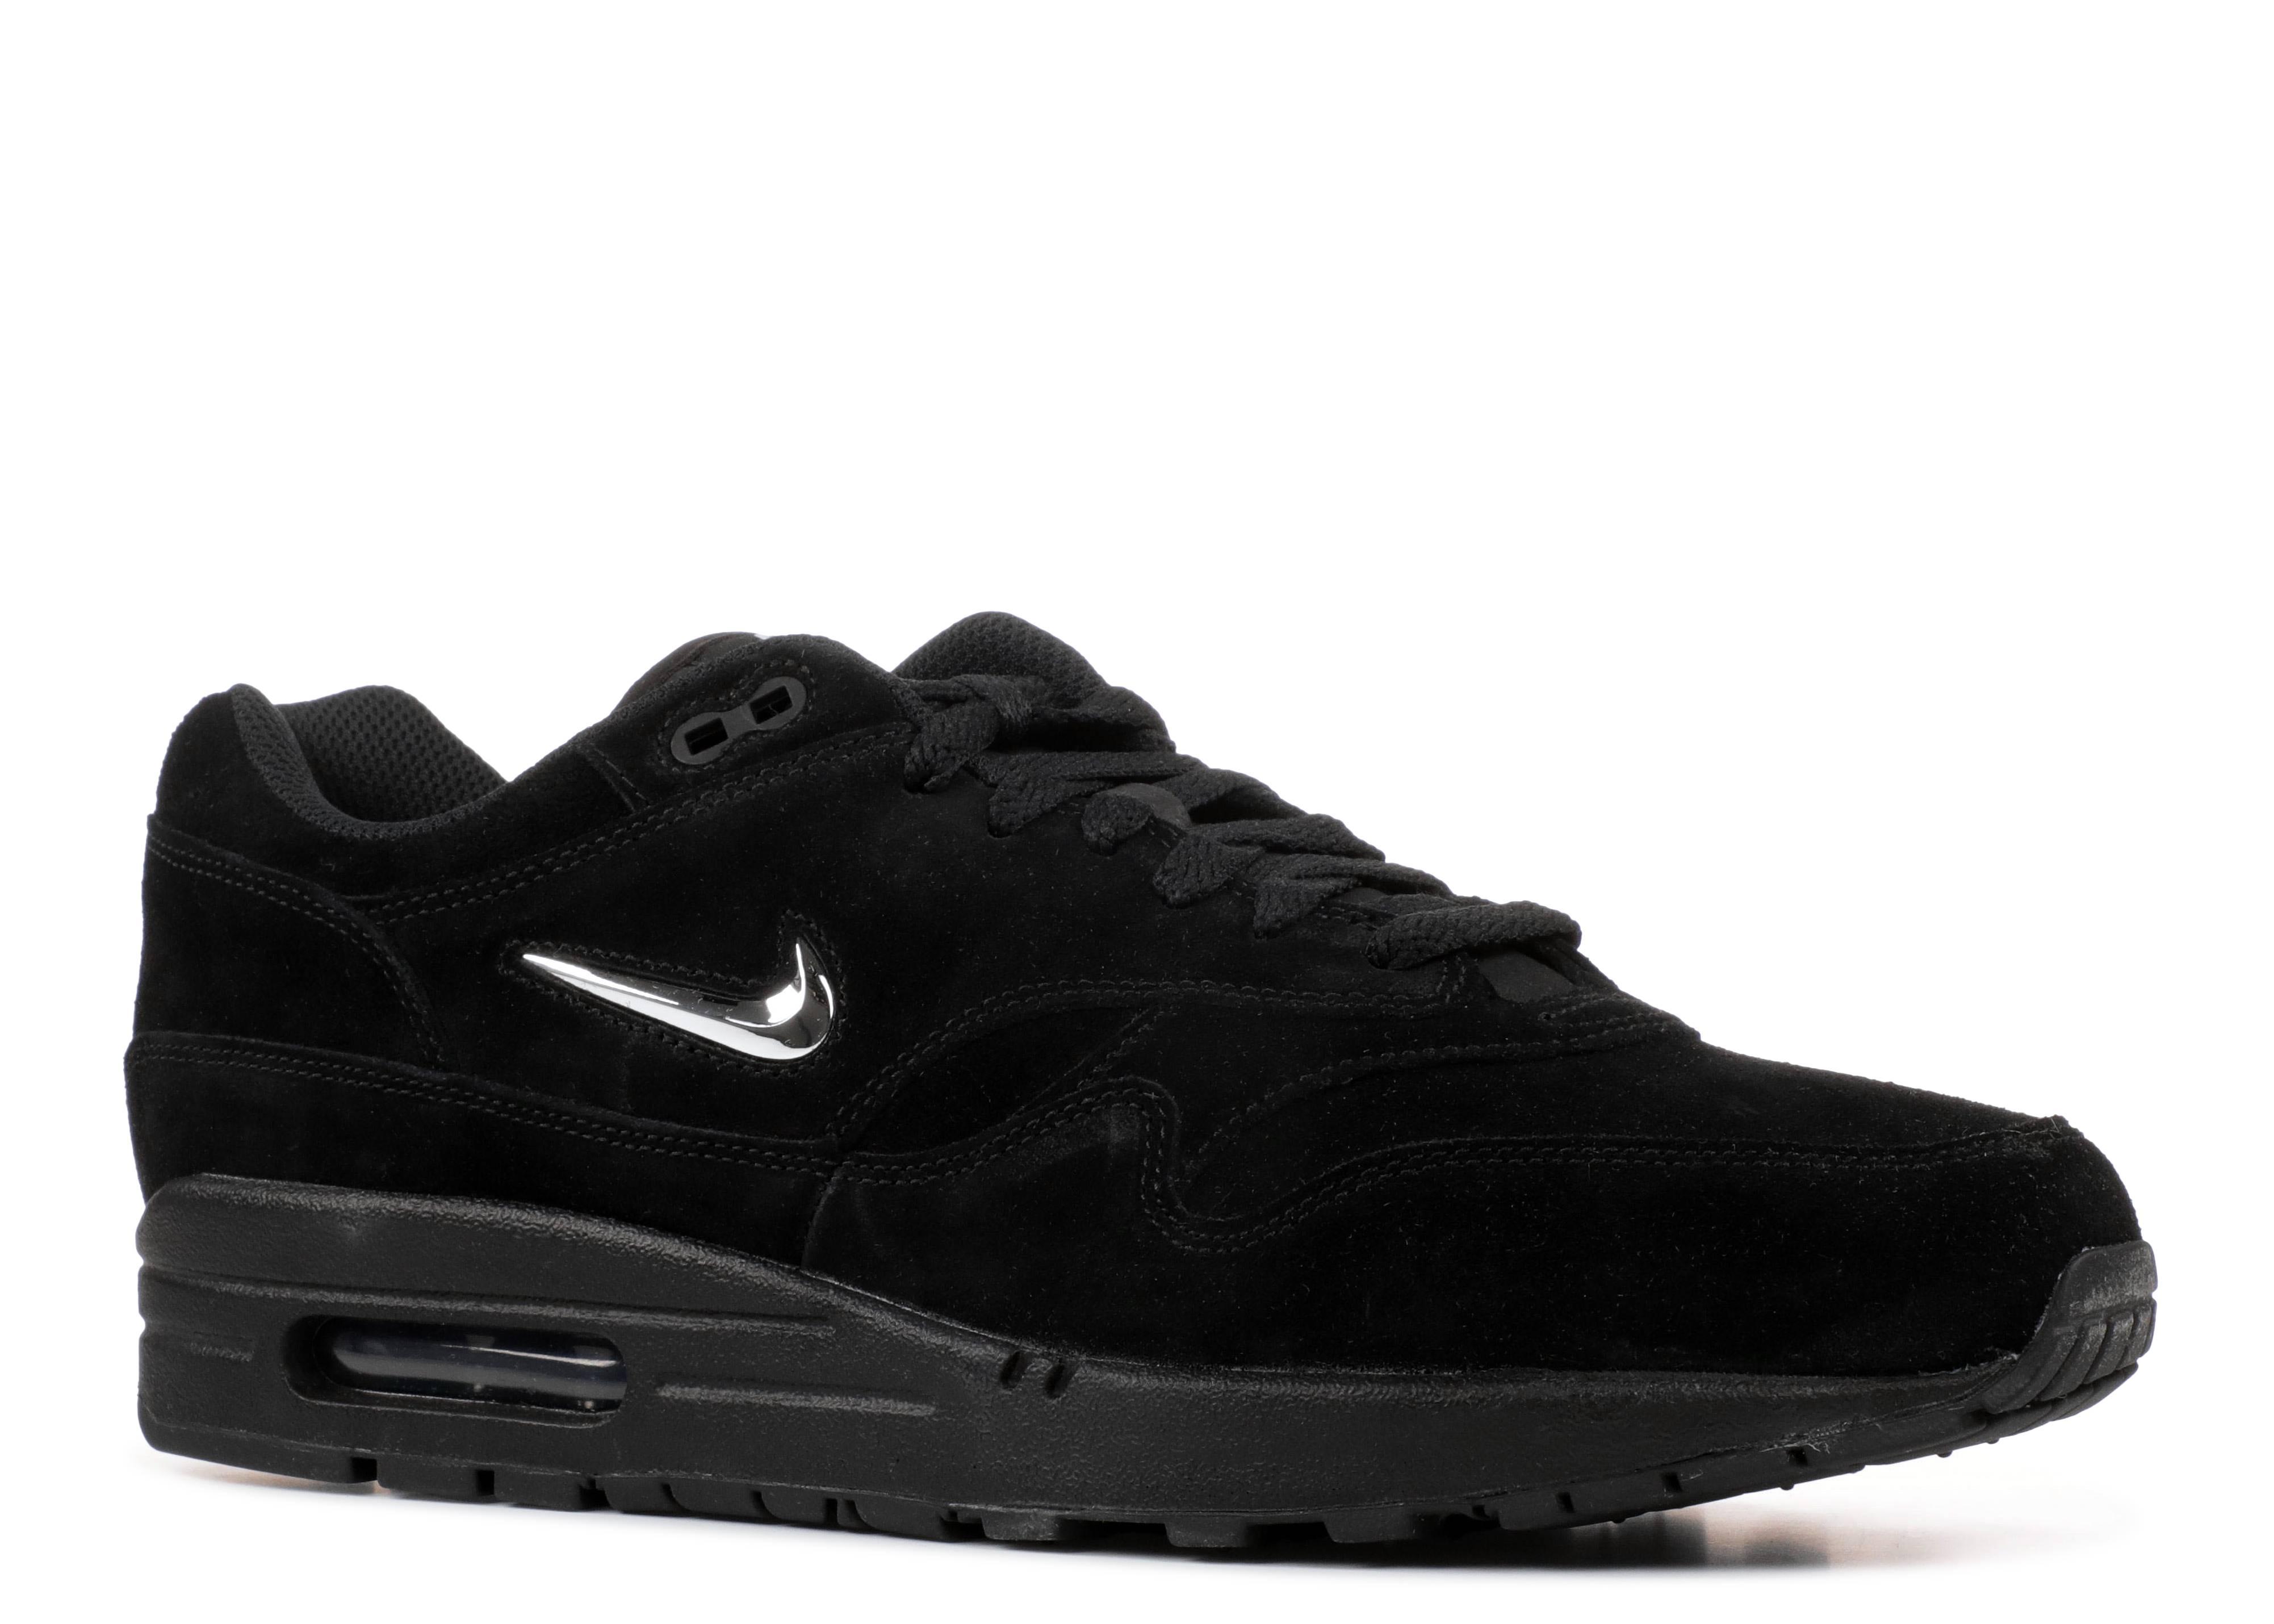 best cheap 99a80 7ef45 Air Max 1 Premium Sc - Nike - 918354 005 - black chrome-black   Flight Club